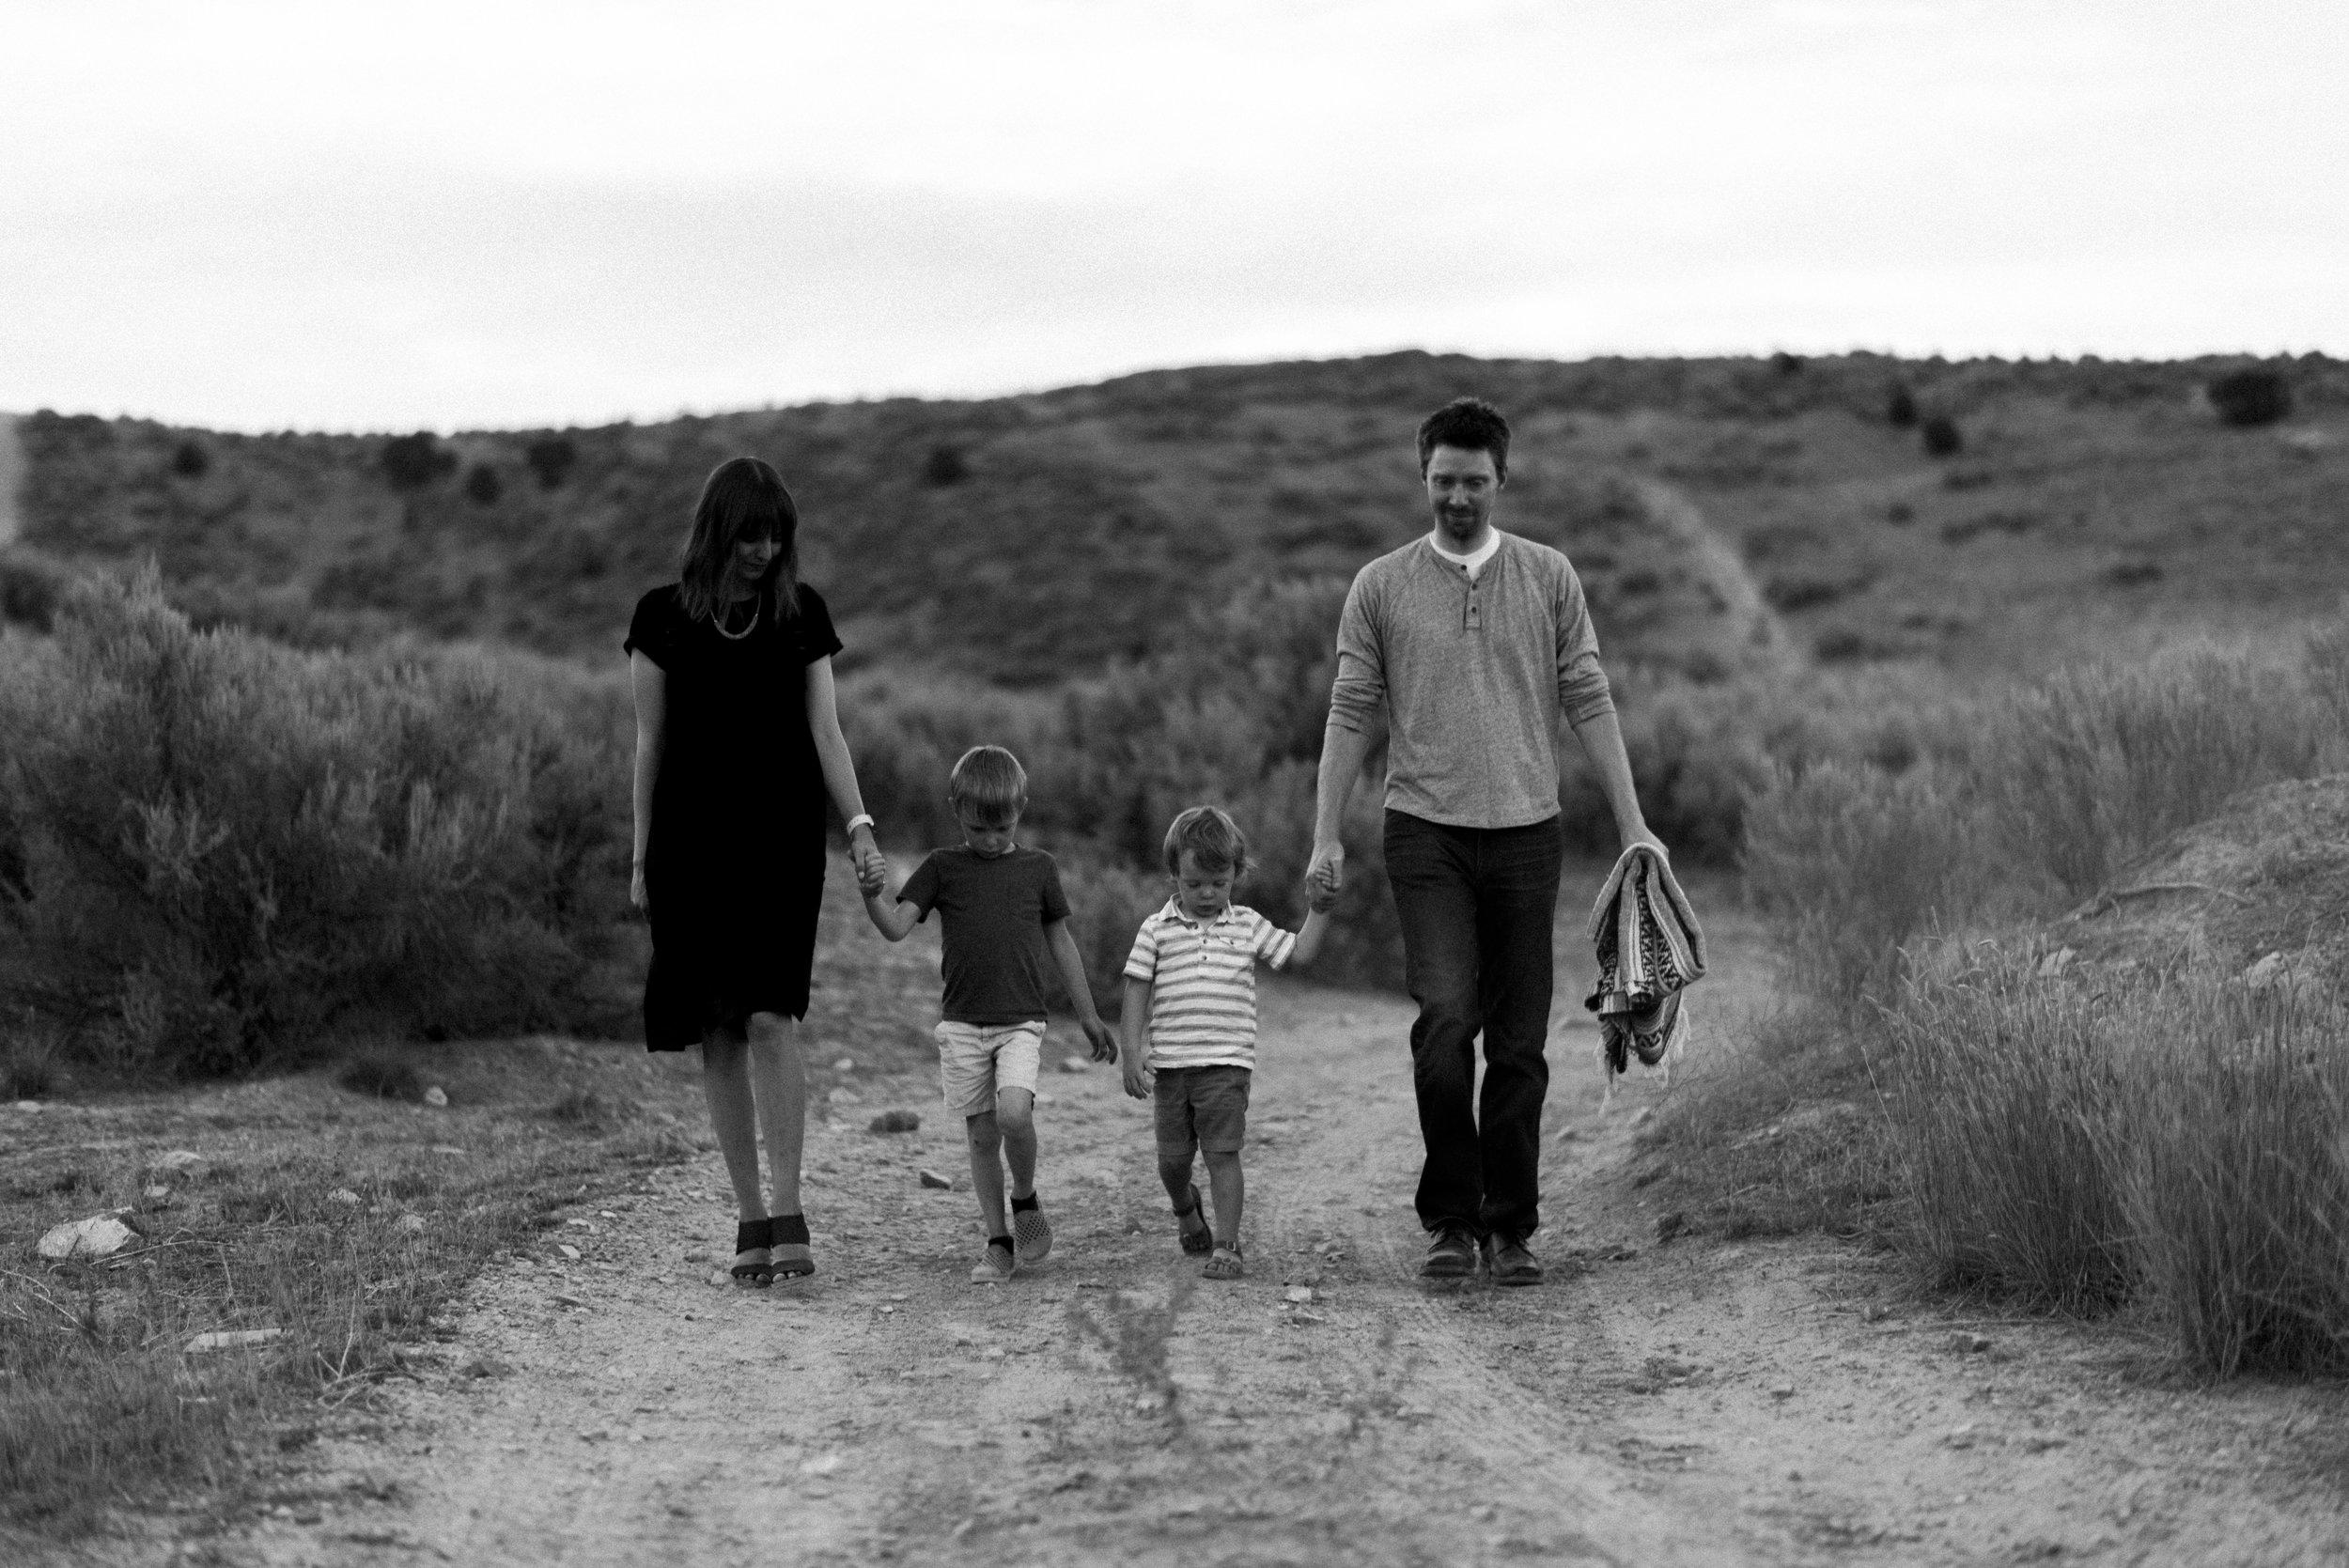 desert family photos utah alyssa sorenson-91.jpg